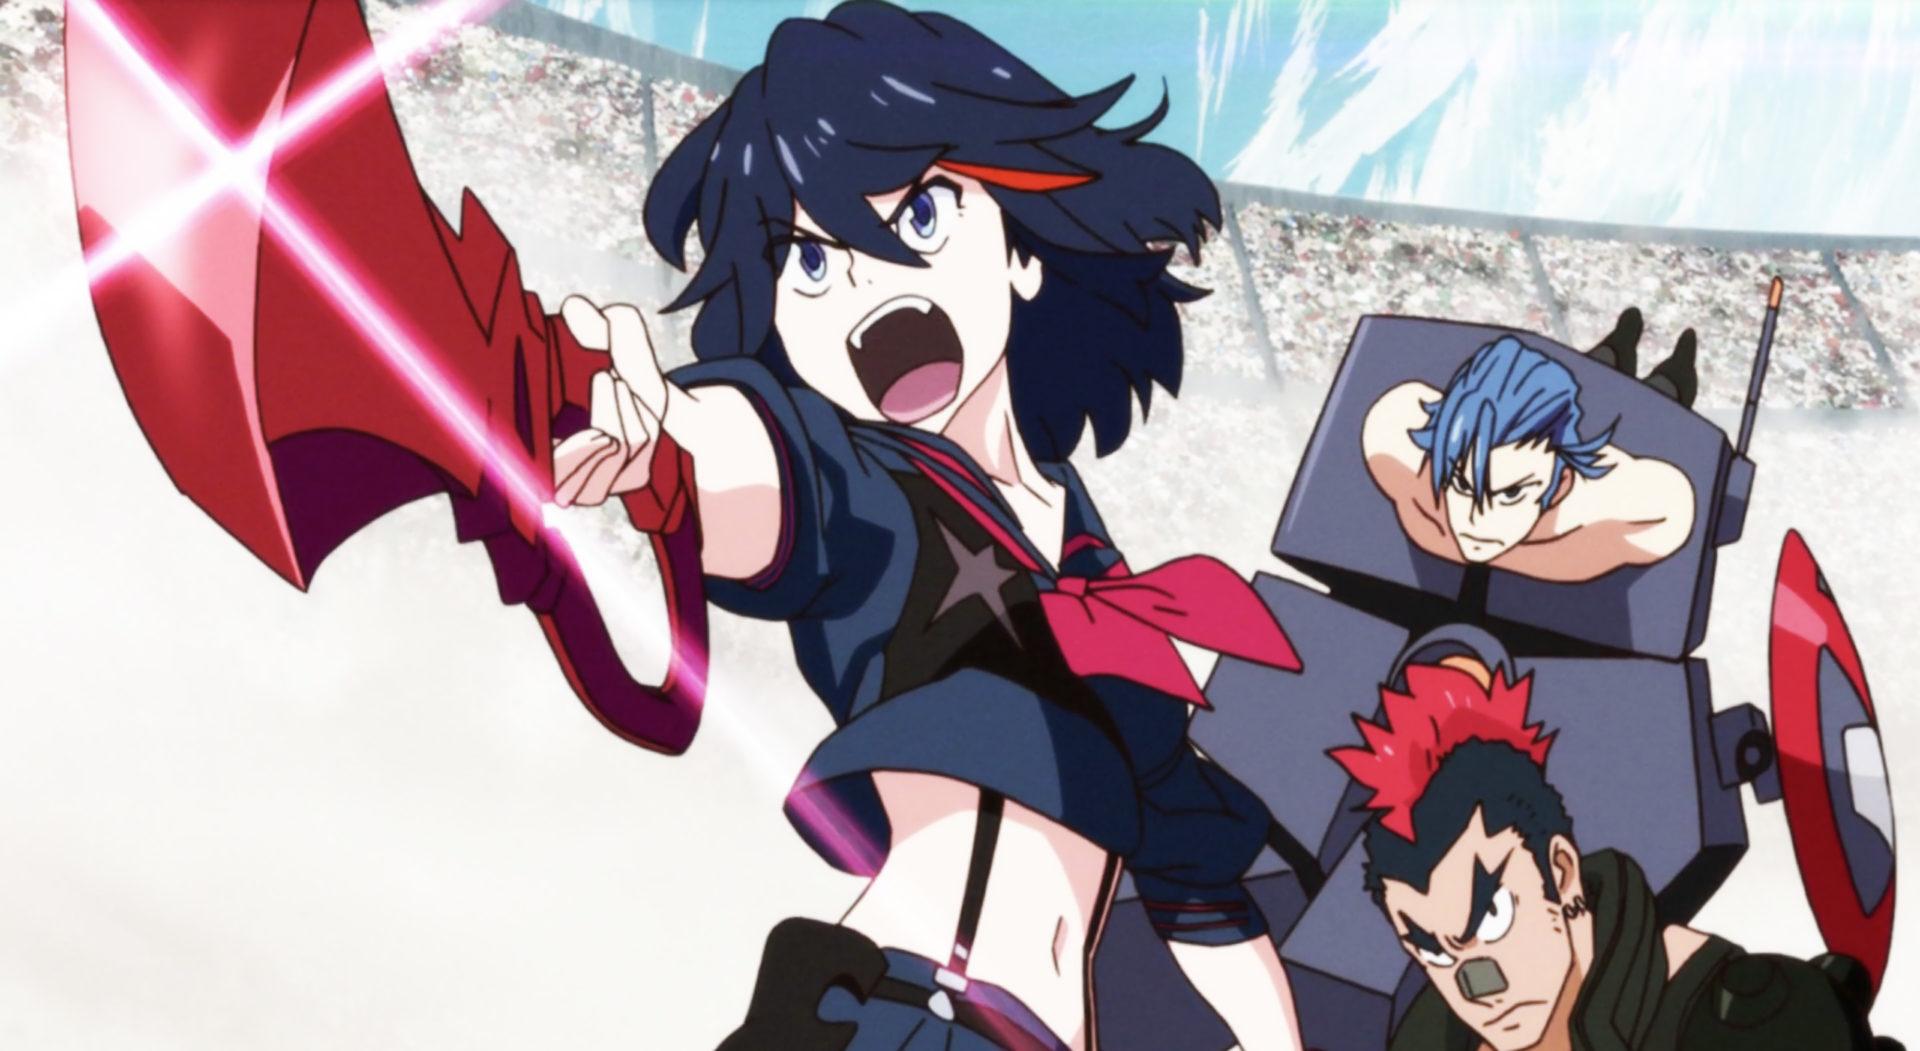 ryuko matoi holding her scissor blade in kill la kill